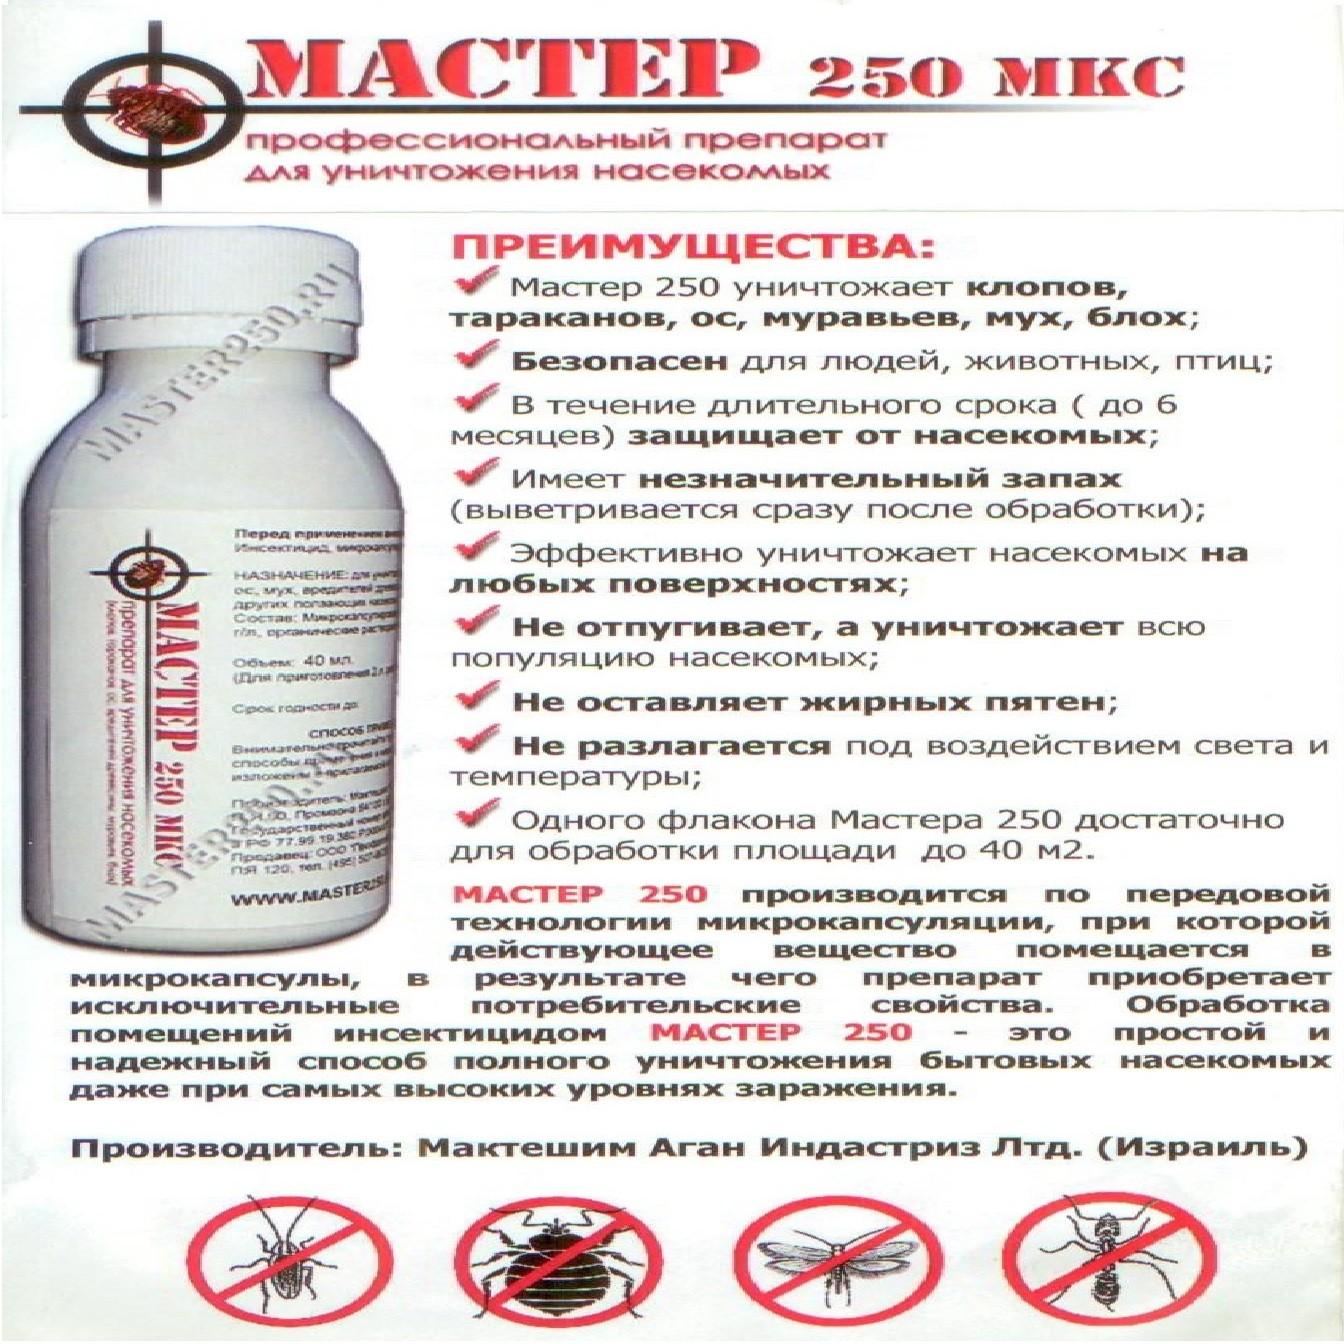 """Препарат для уничтожения насекомых """"Мастер 250 МКС"""""""